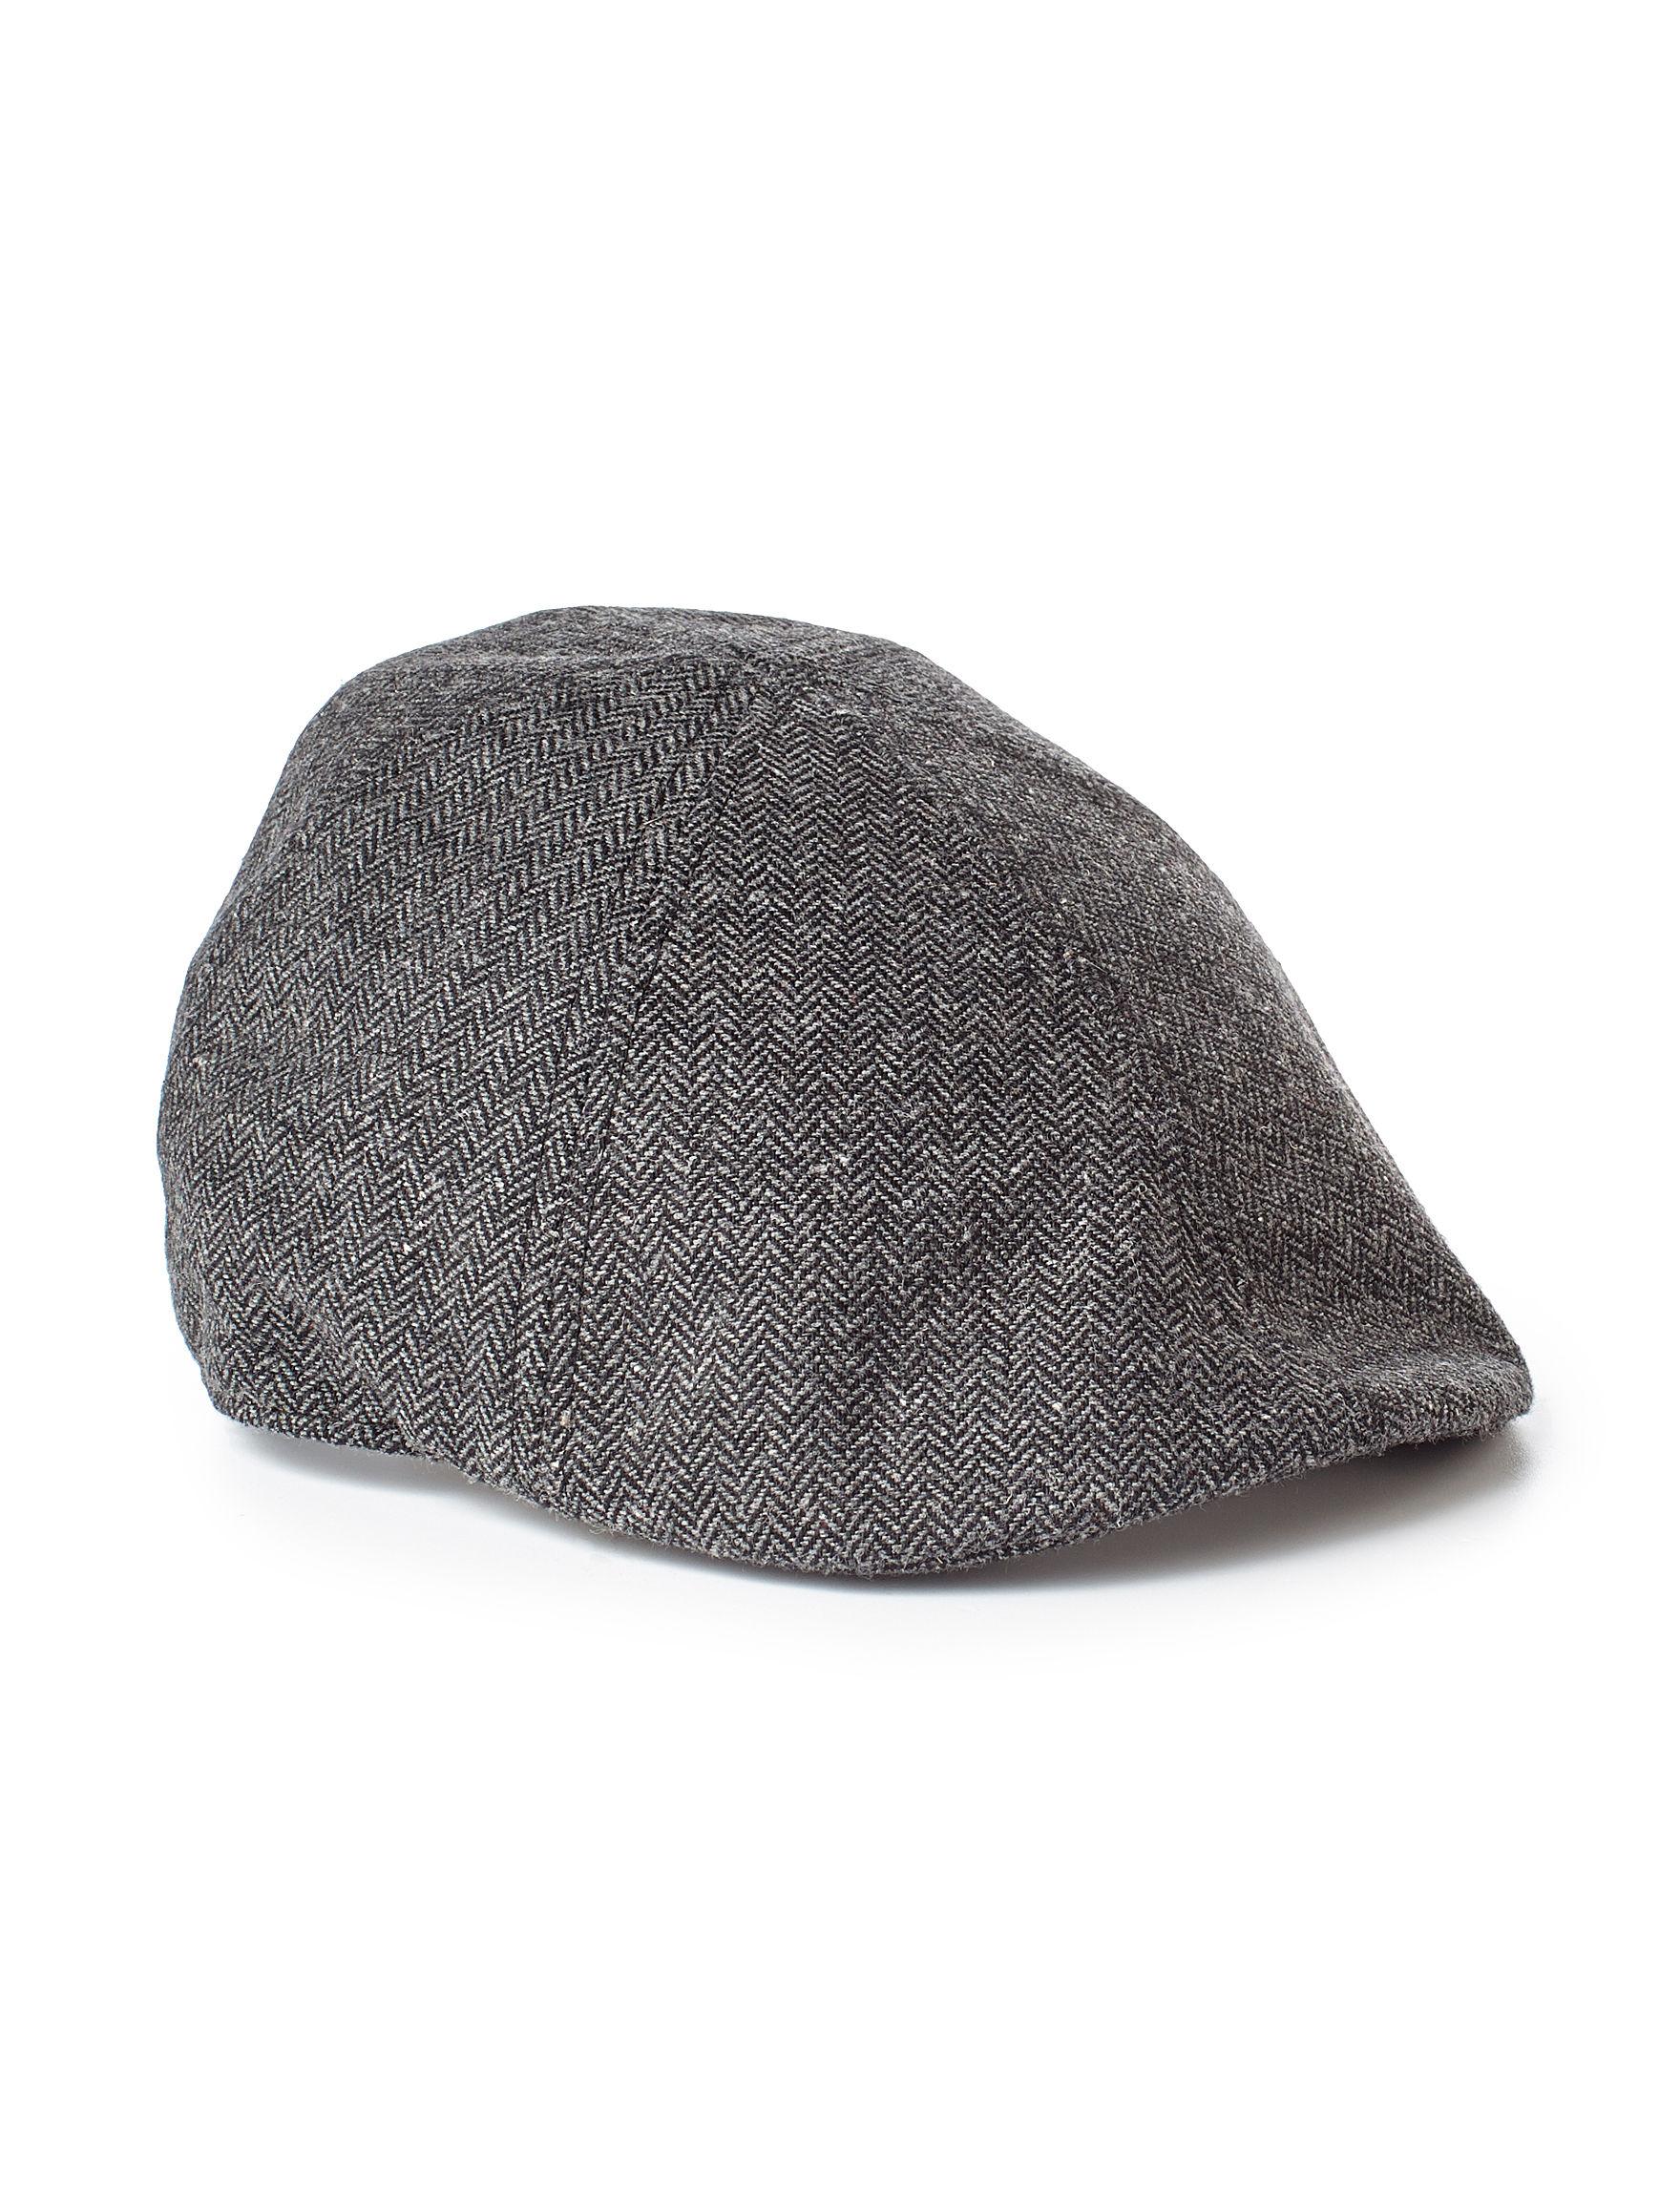 U.S. Polo Assn. Black Hats & Headwear